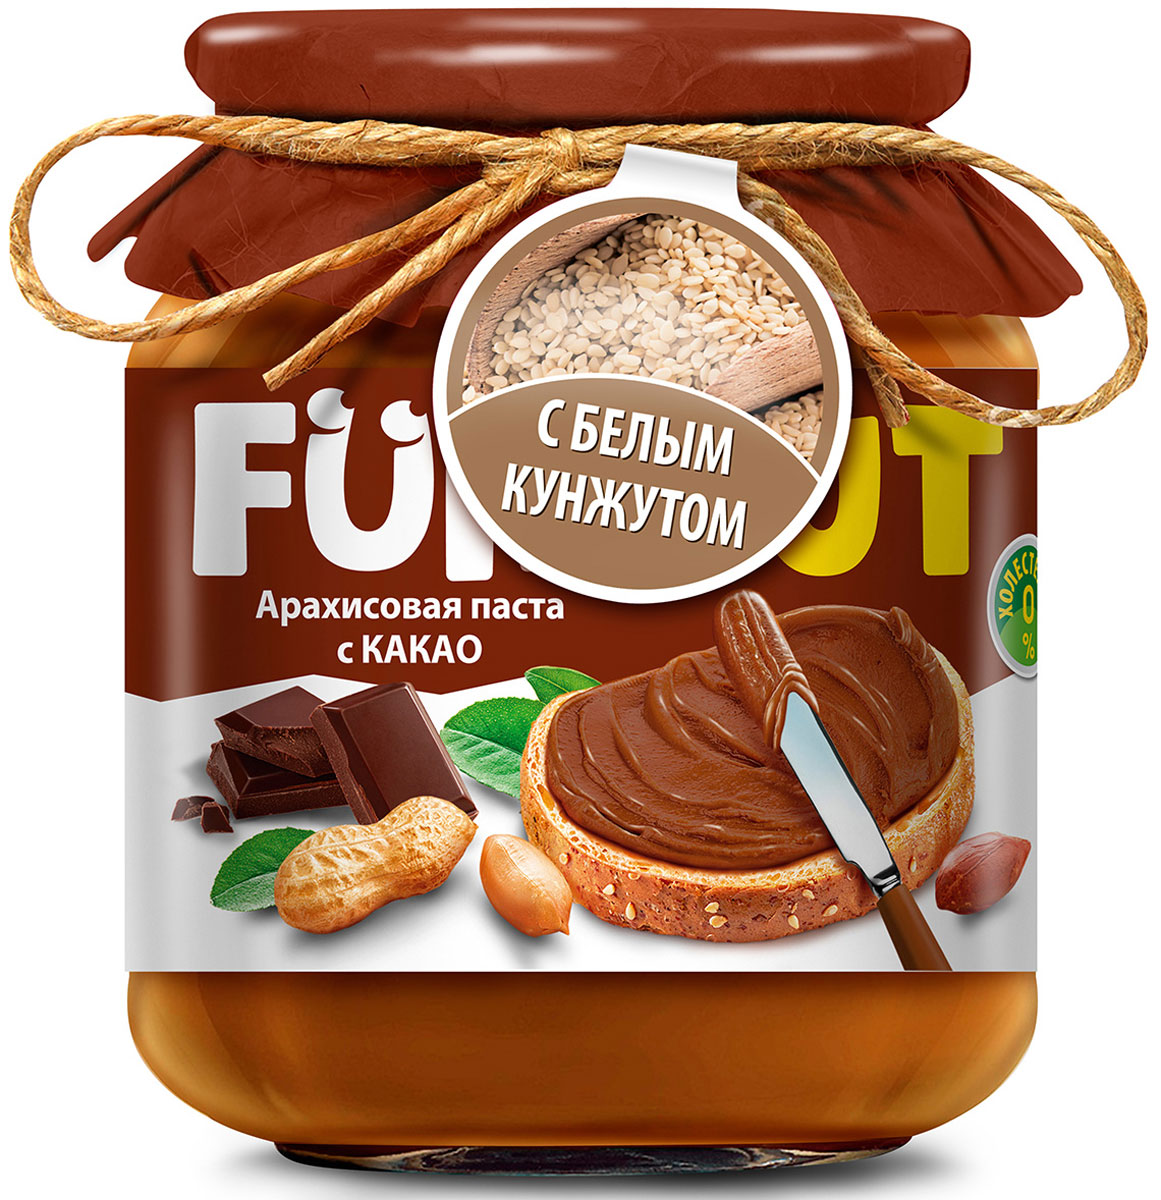 Funnat Арахисовая паста с какао с добавлением кунжута, 340 г4607125989805Арахисовая паста Funnat давно и широко распространена в США и вВеликобритании. Эта ореховая паста приготовлена из поджаренного арахиса, нежной текстуры. Благодаря содержанию легкоусвояемых белков и жиров, арахисовая паста может конкурировать по питательности с продуктами животного происхождения. Она сытная и полезная, и в тое время препятствует перееданию.